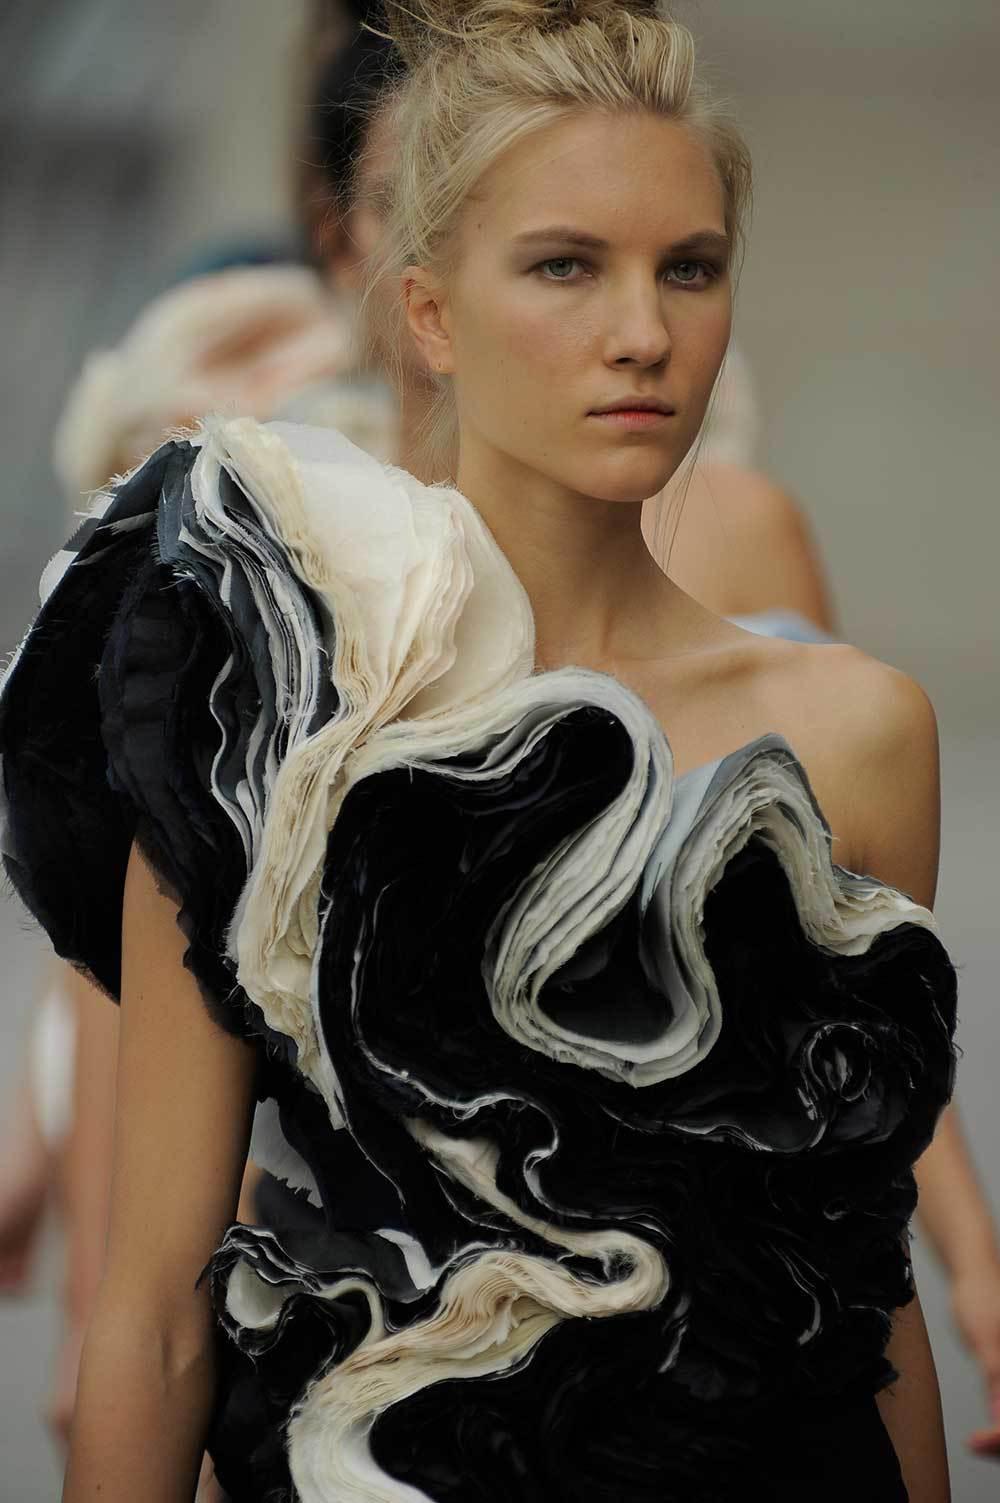 Felicity-Brown-SS11-17-Rose-Ruffle-Dress.jpg